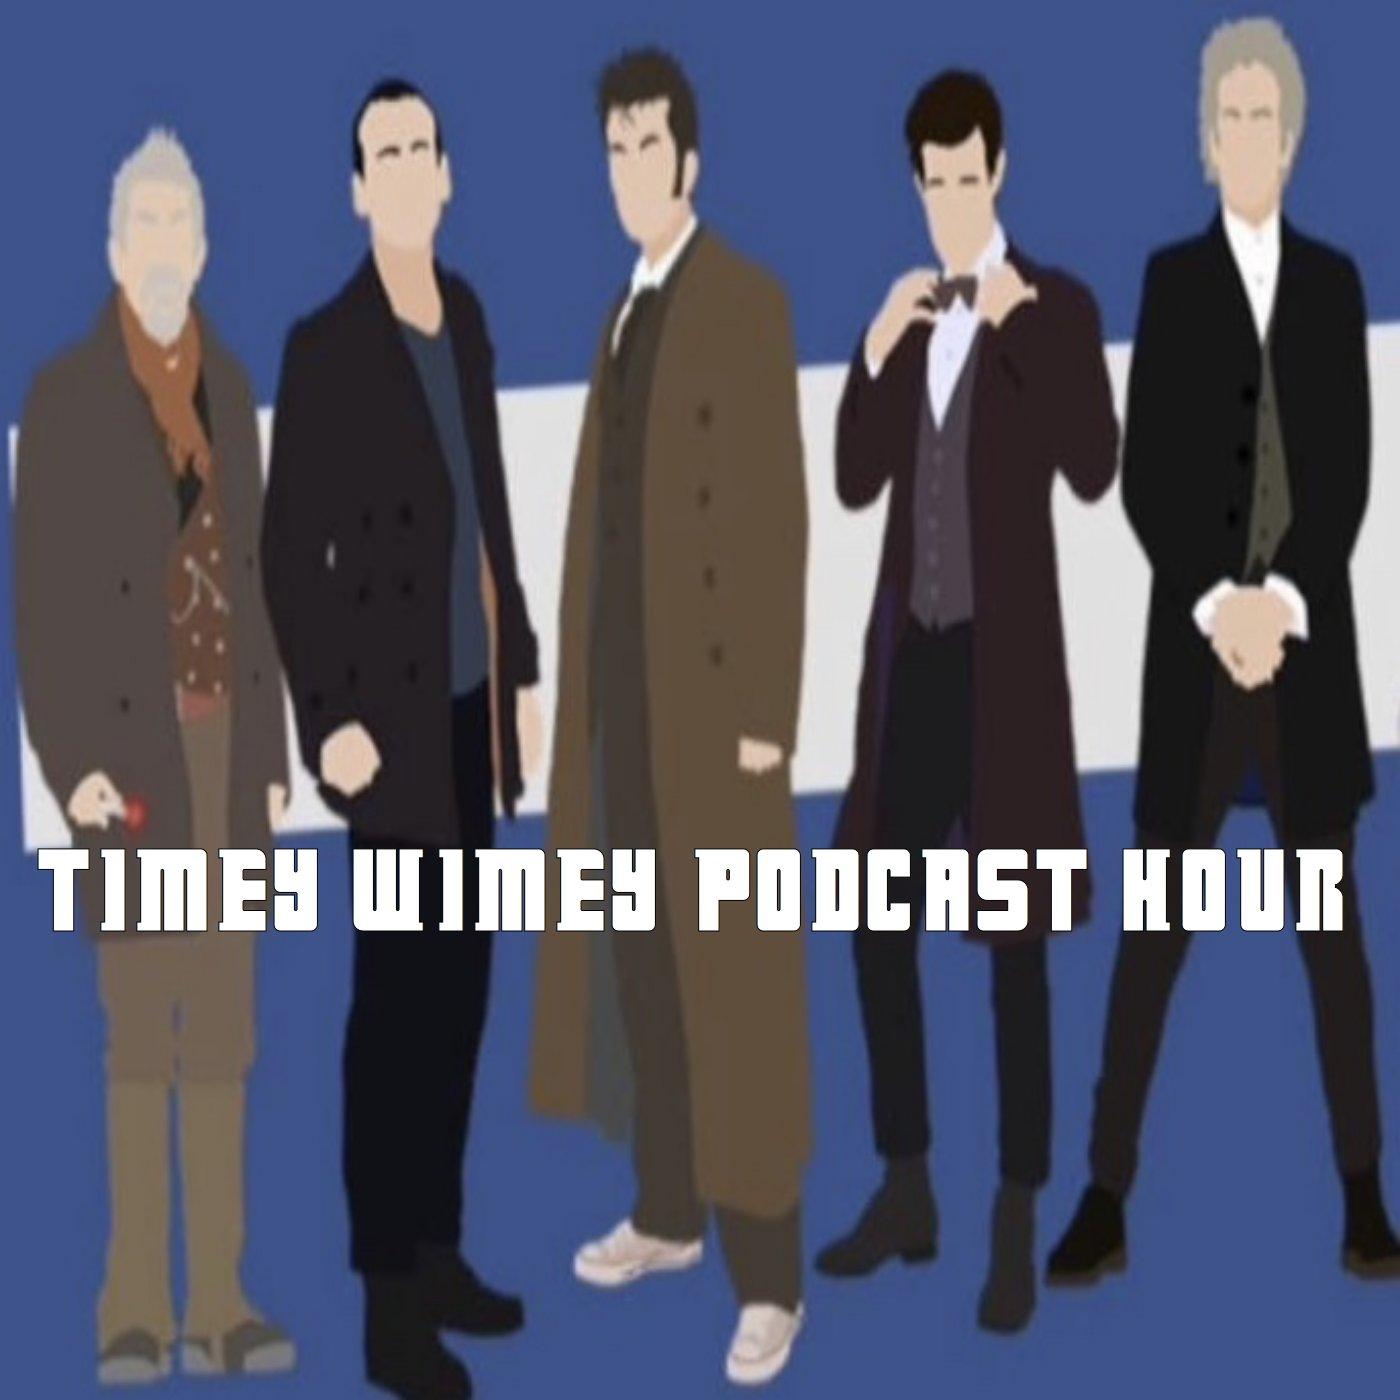 Timey Wimey Podcast Hour